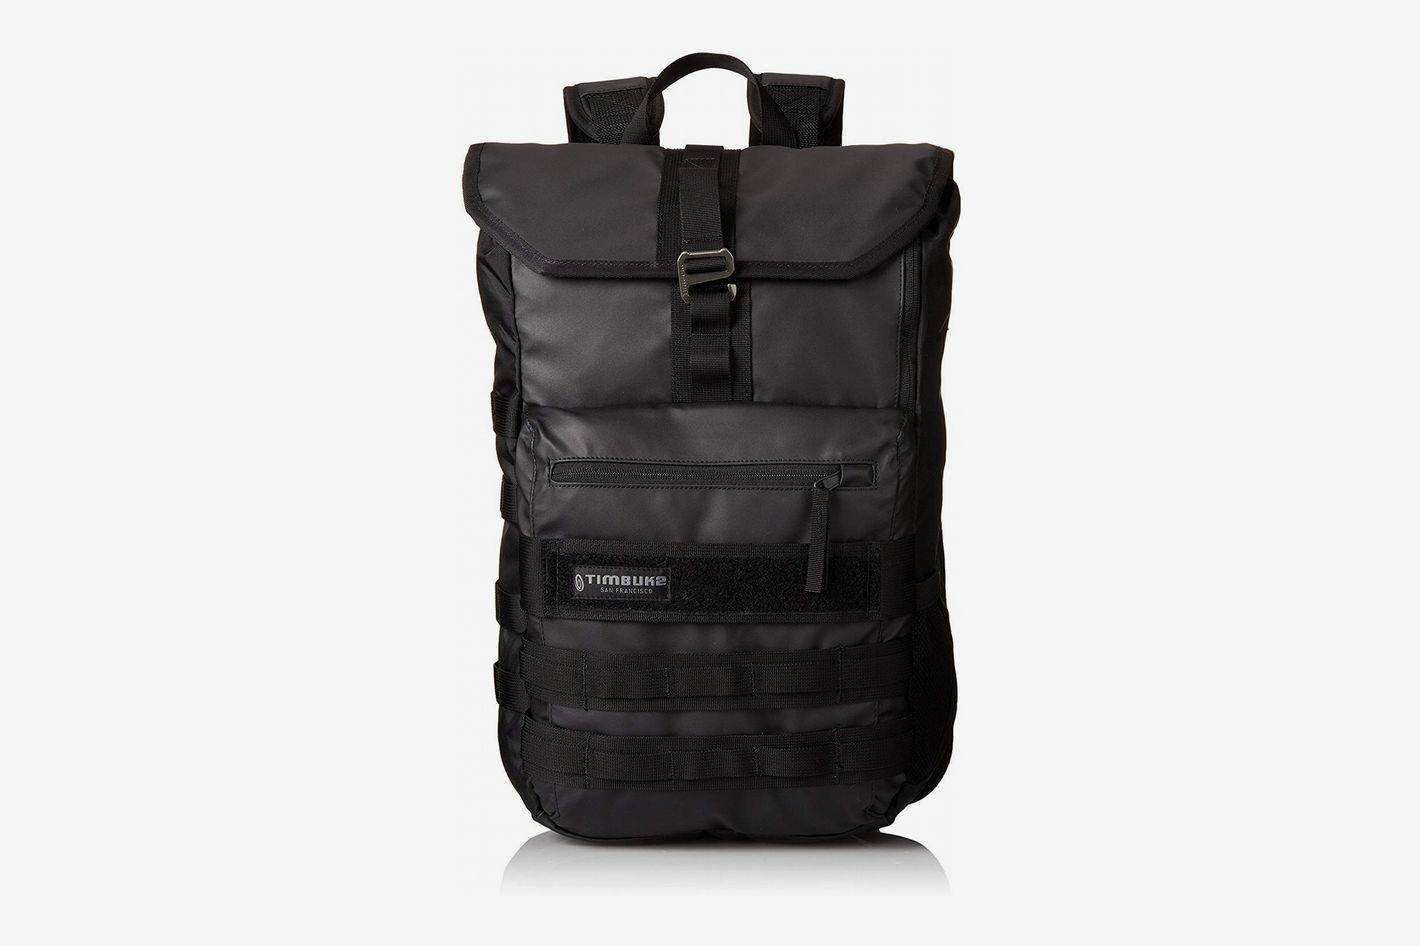 92fe5593493d 20 Best Commuter Backpacks